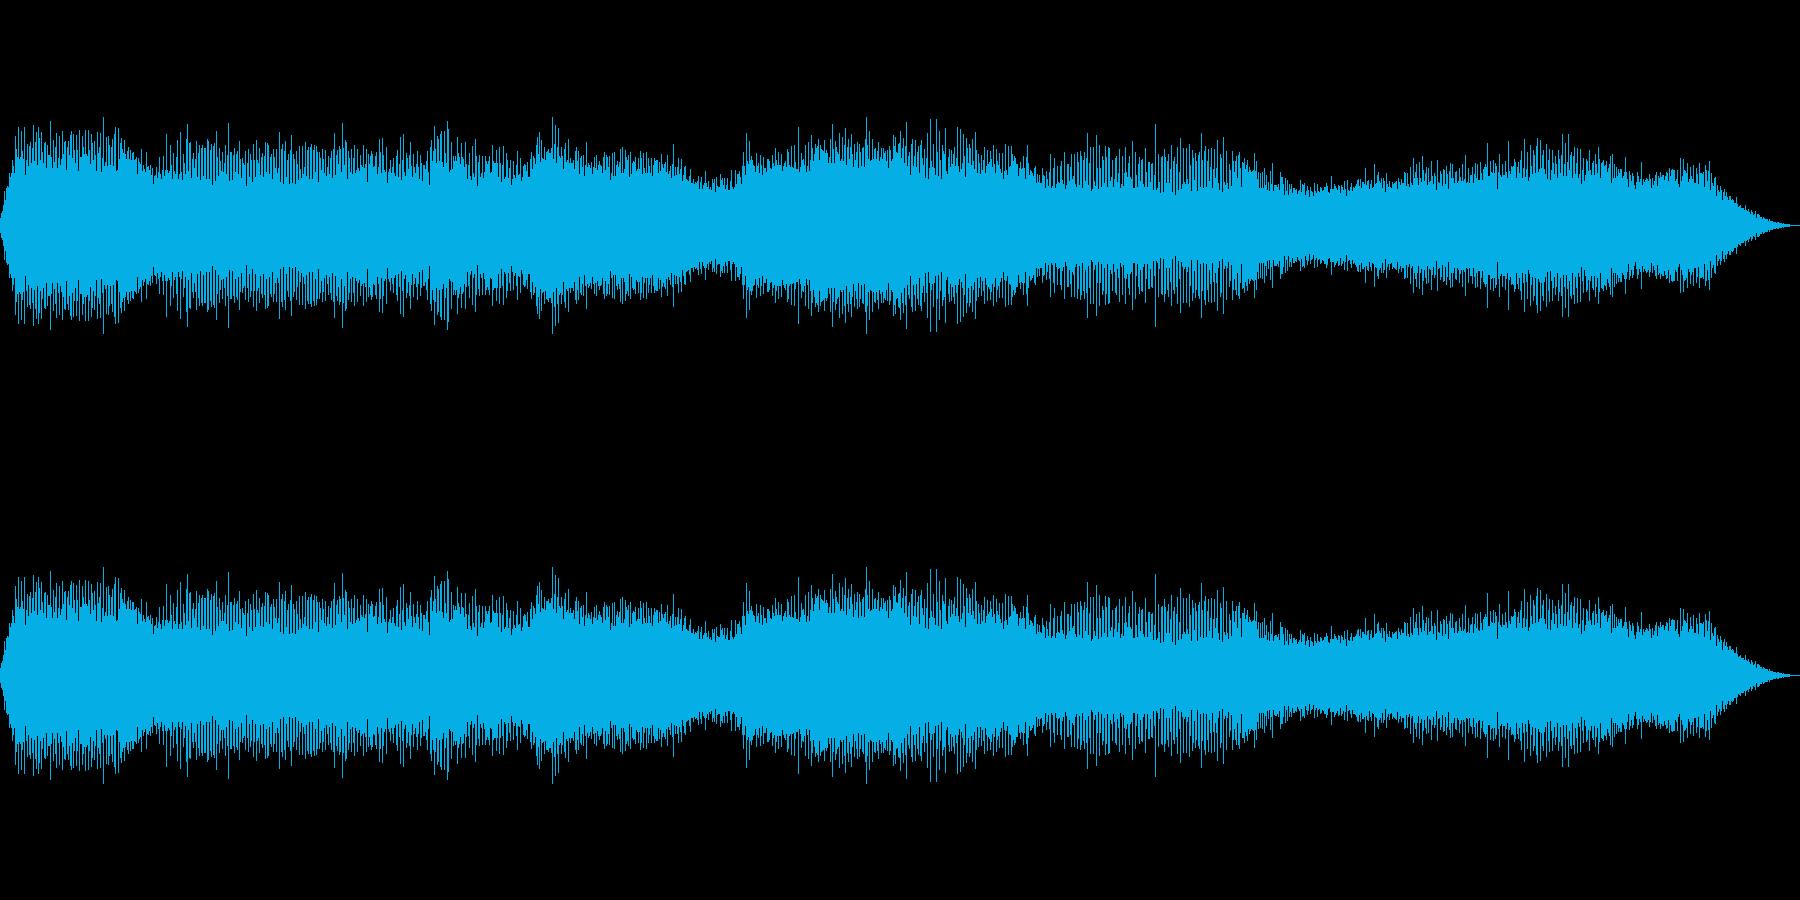 【自然環境音】蝉の大合唱~クマゼミ 熊蟬の再生済みの波形